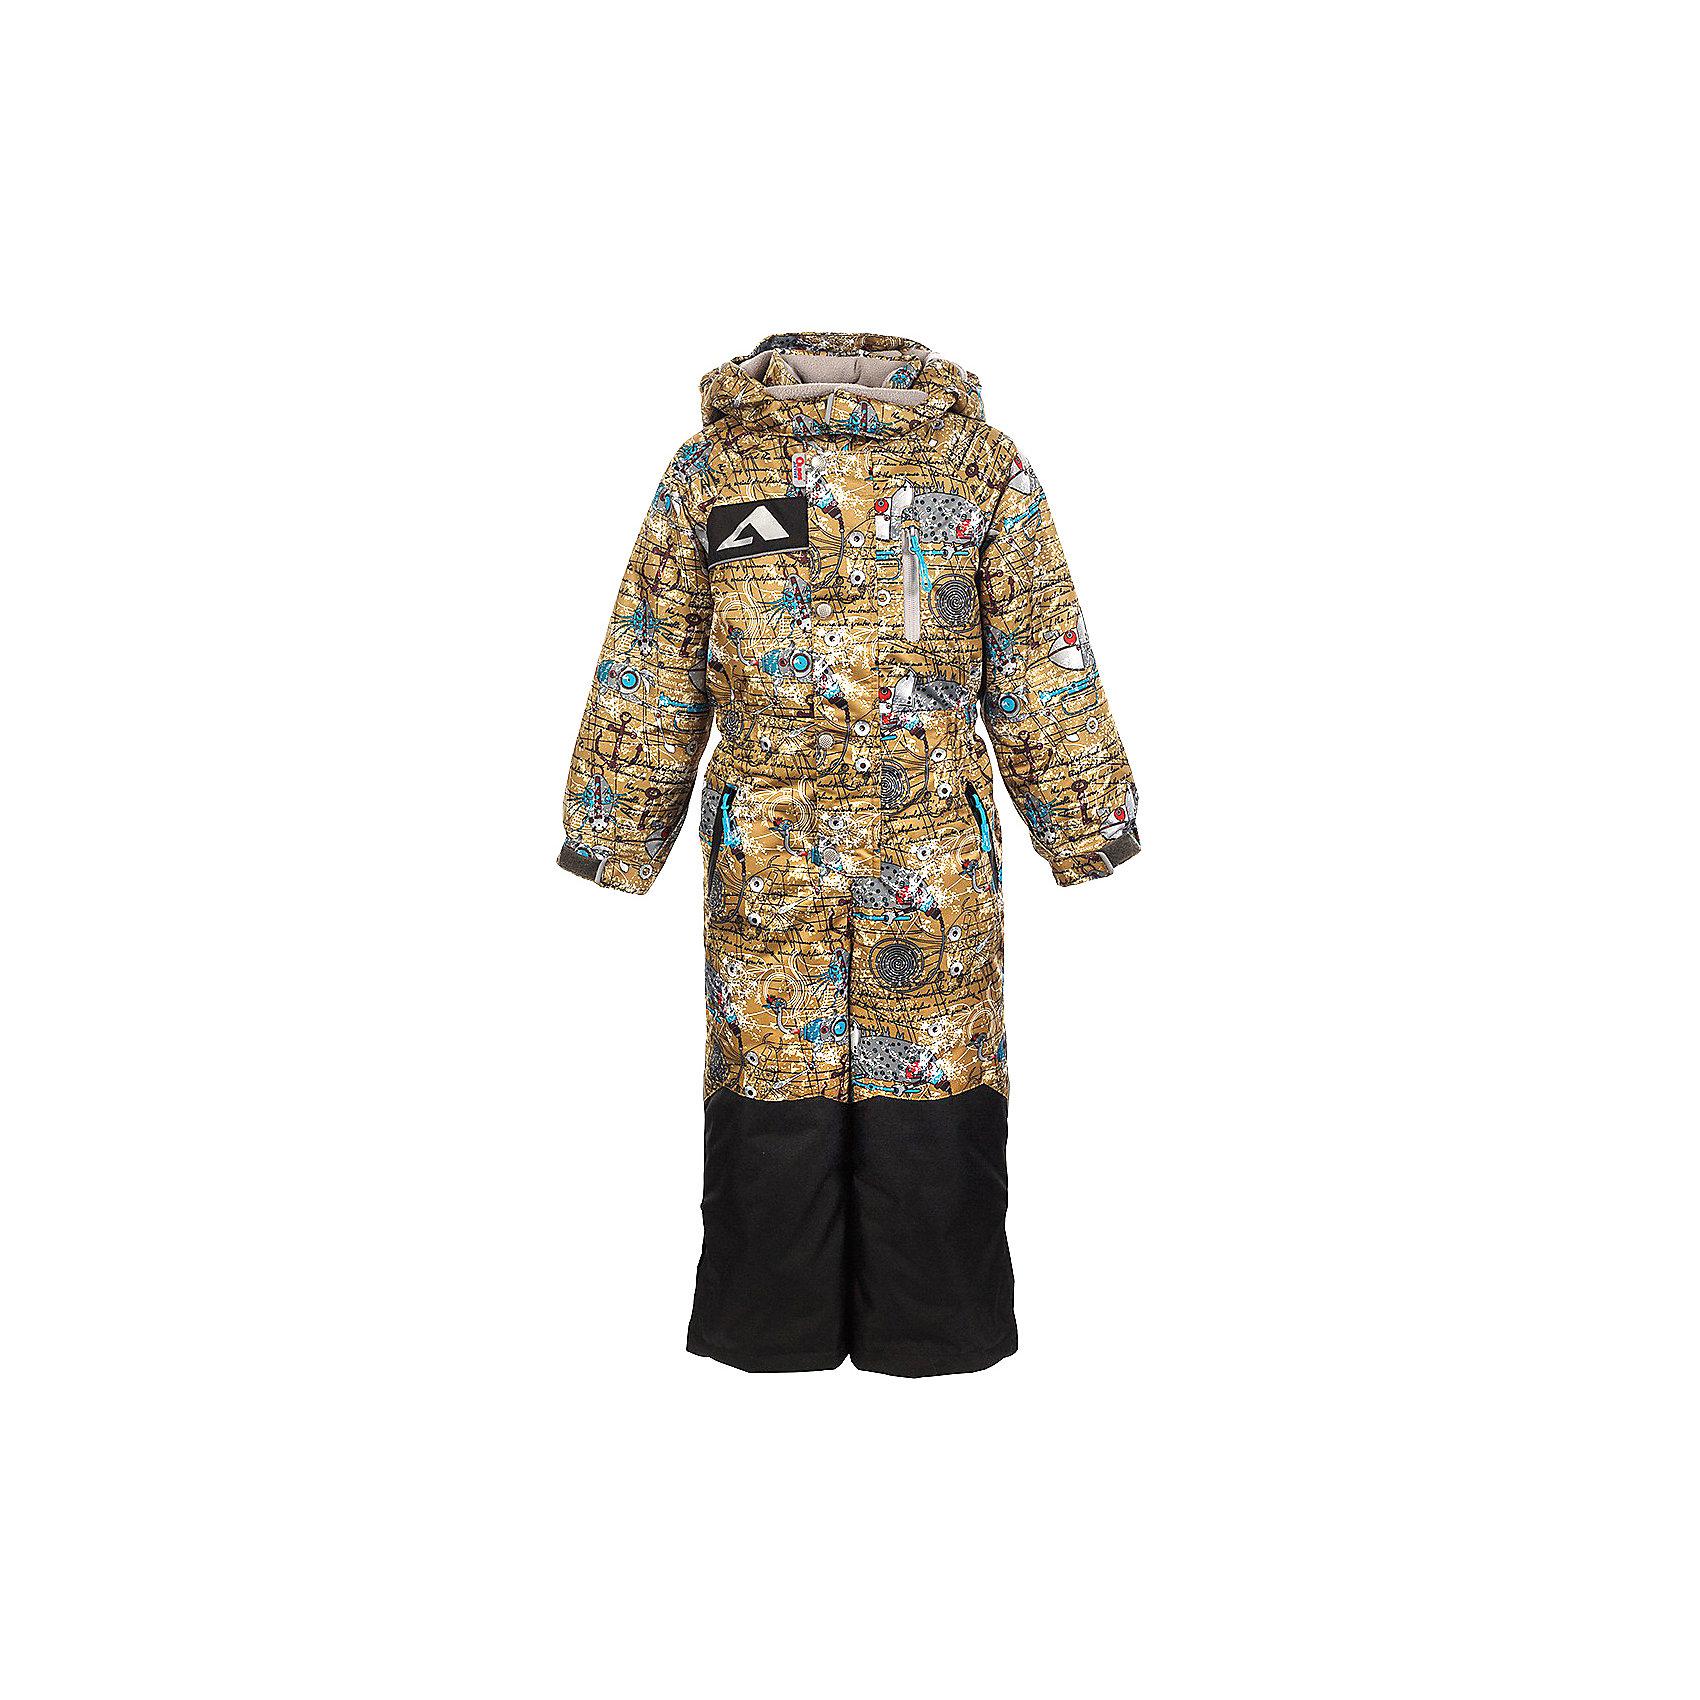 Комбинезон Эдди OLDOS для мальчикаВерхняя одежда<br>Характеристики товара:<br><br>• цвет: желтый<br>• состав ткани: полиэстер, Teflon<br>• подкладка: флис, гладкий полиэстер<br>• утеплитель: Hollofan pro<br>• сезон: зима<br>• мембранное покрытие<br>• температурный режим: от -30 до +5<br>• водонепроницаемость: 5000 мм <br>• паропроницаемость: 5000 г/м2<br>• плотность утеплителя: 200 г/м2<br>• застежка: молния<br>• капюшон: без меха, съемный<br>• силиконовые штрипки<br>• износостойкая ткань по низу брючин<br>• страна бренда: Россия<br>• страна изготовитель: Россия<br><br>Зимний комбинезон дополнен утяжкой в талии для лучшей посадки. Такой комбинезон для мальчика отлично защищает ребенка от попадания снега внутрь. Детский зимний комбинезон создан с применением мембранной технологии, поэтому рассчитан и на очень холодную погоду. <br><br>Комбинезон Эдди Oldos (Олдос) для мальчика можно купить в нашем интернет-магазине.<br><br>Ширина мм: 356<br>Глубина мм: 10<br>Высота мм: 245<br>Вес г: 519<br>Цвет: желтый<br>Возраст от месяцев: 24<br>Возраст до месяцев: 36<br>Пол: Мужской<br>Возраст: Детский<br>Размер: 98,128,122,116,110,104<br>SKU: 7015846